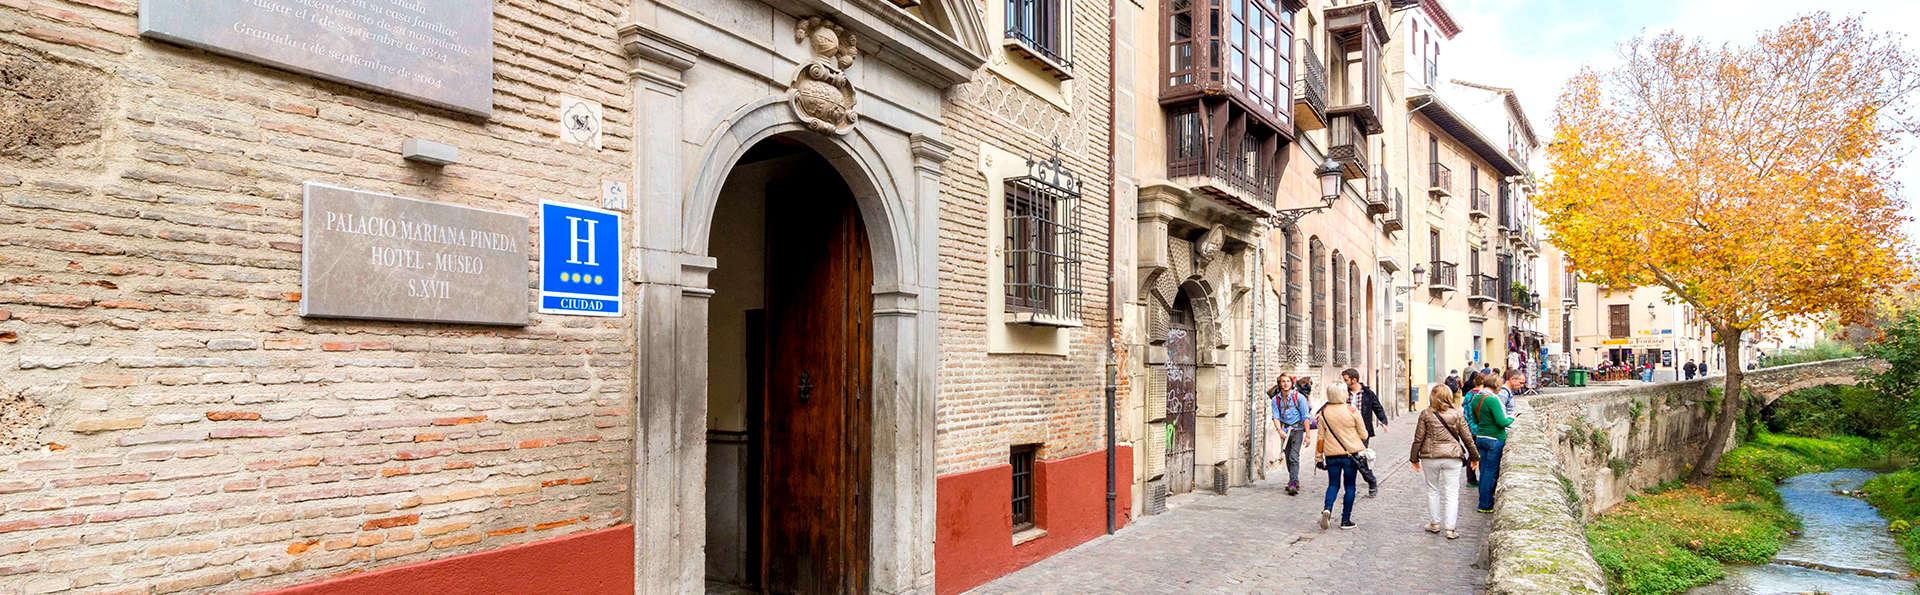 Hotel Museo Palacio de Mariana Pineda - Edit_Front.jpg